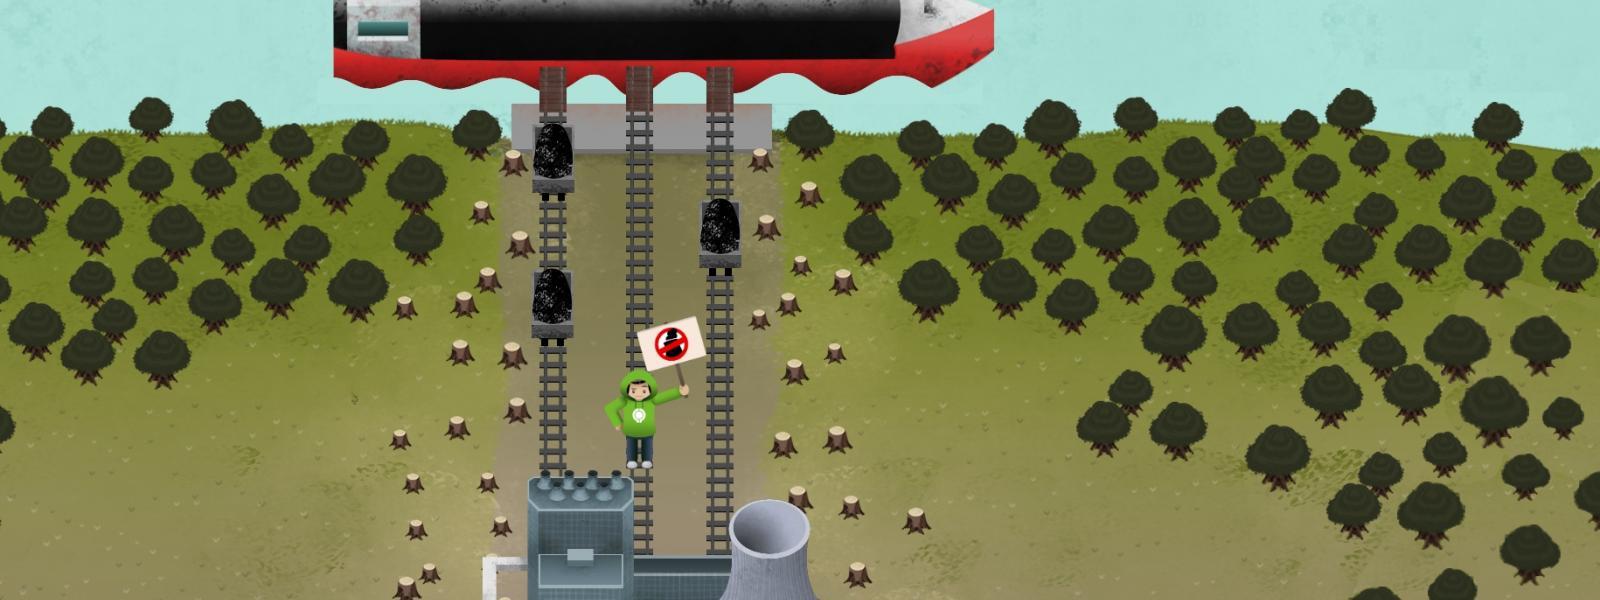 Grafik des Spiels mit Kohle-Schüttlader, Kraftwerk und BUND-Aktivist*in